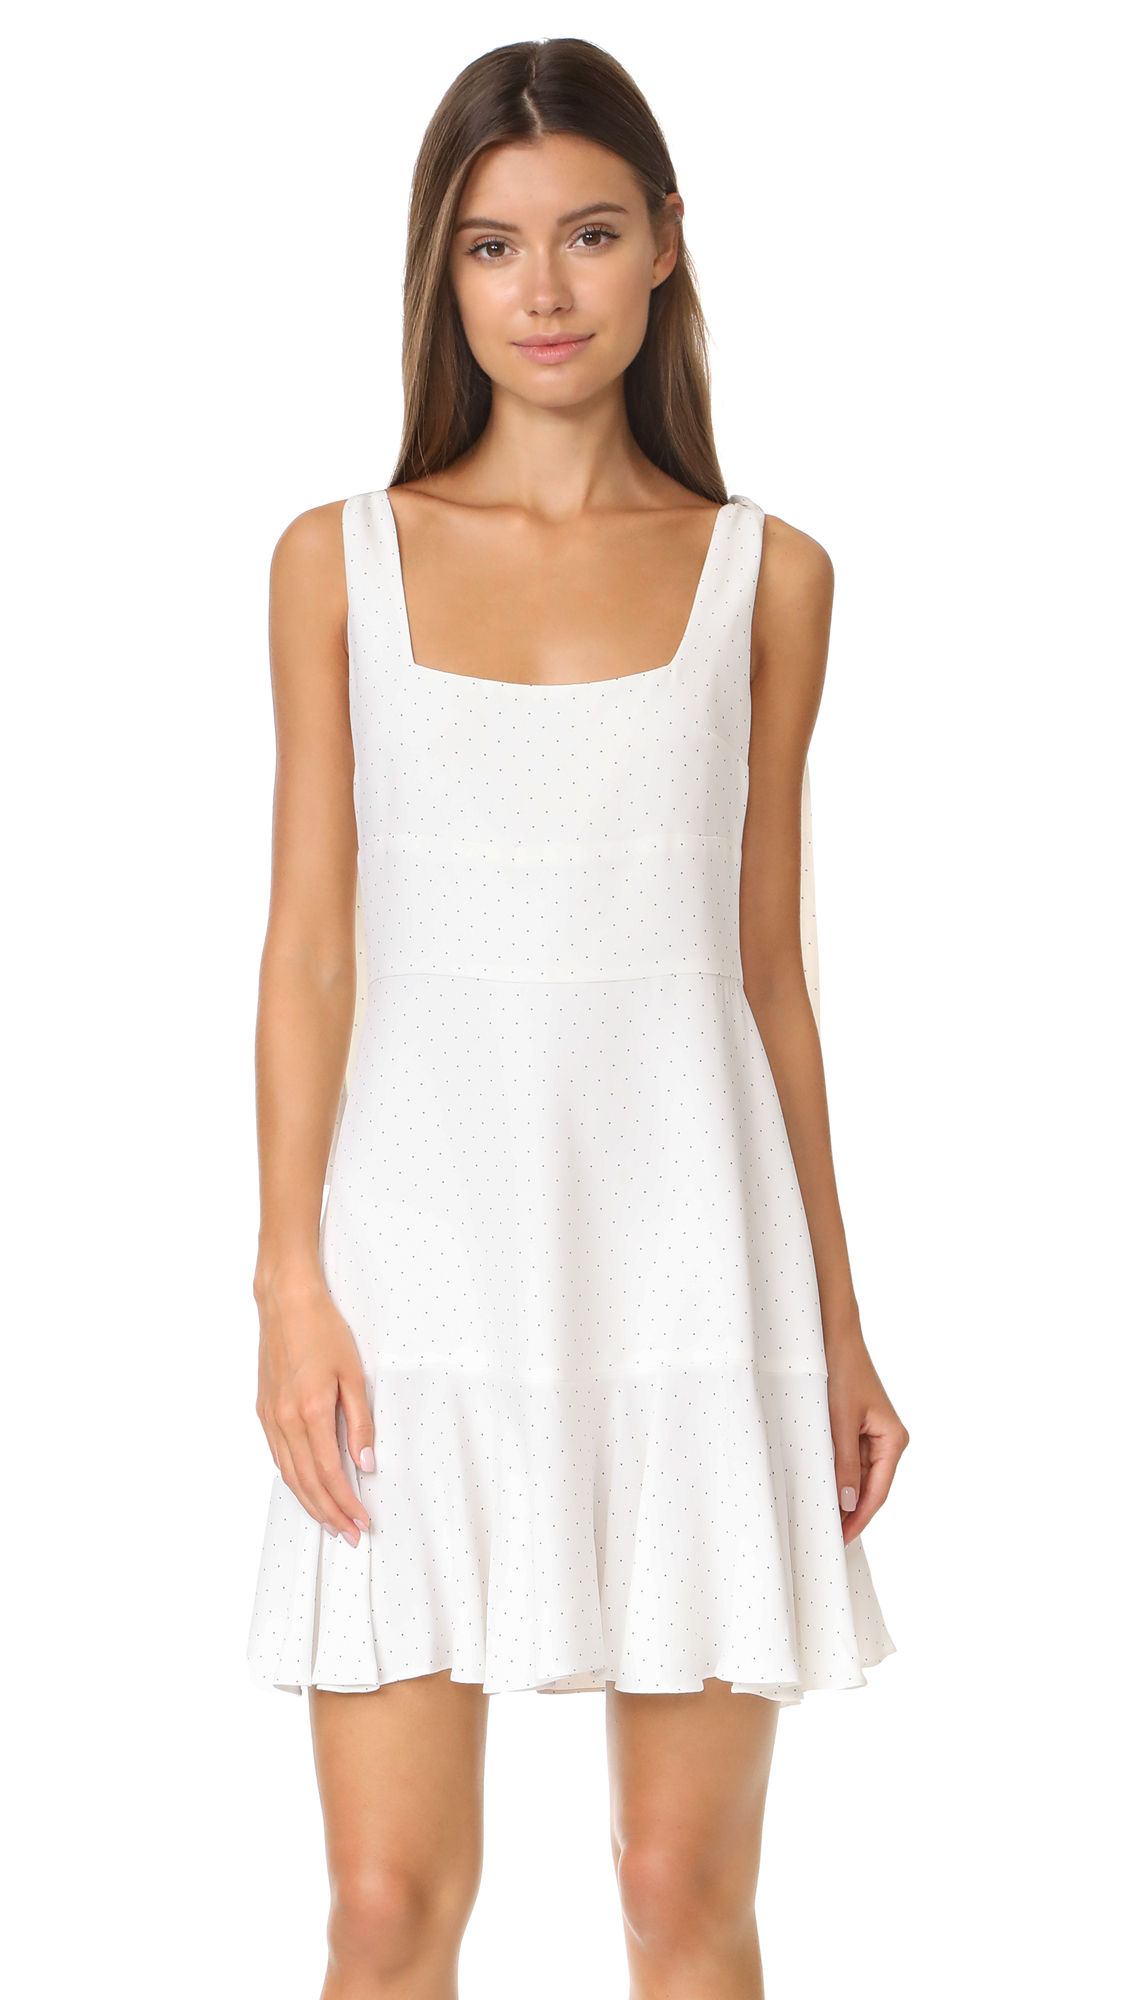 Alexis Jazz Dress - White Micro Dot